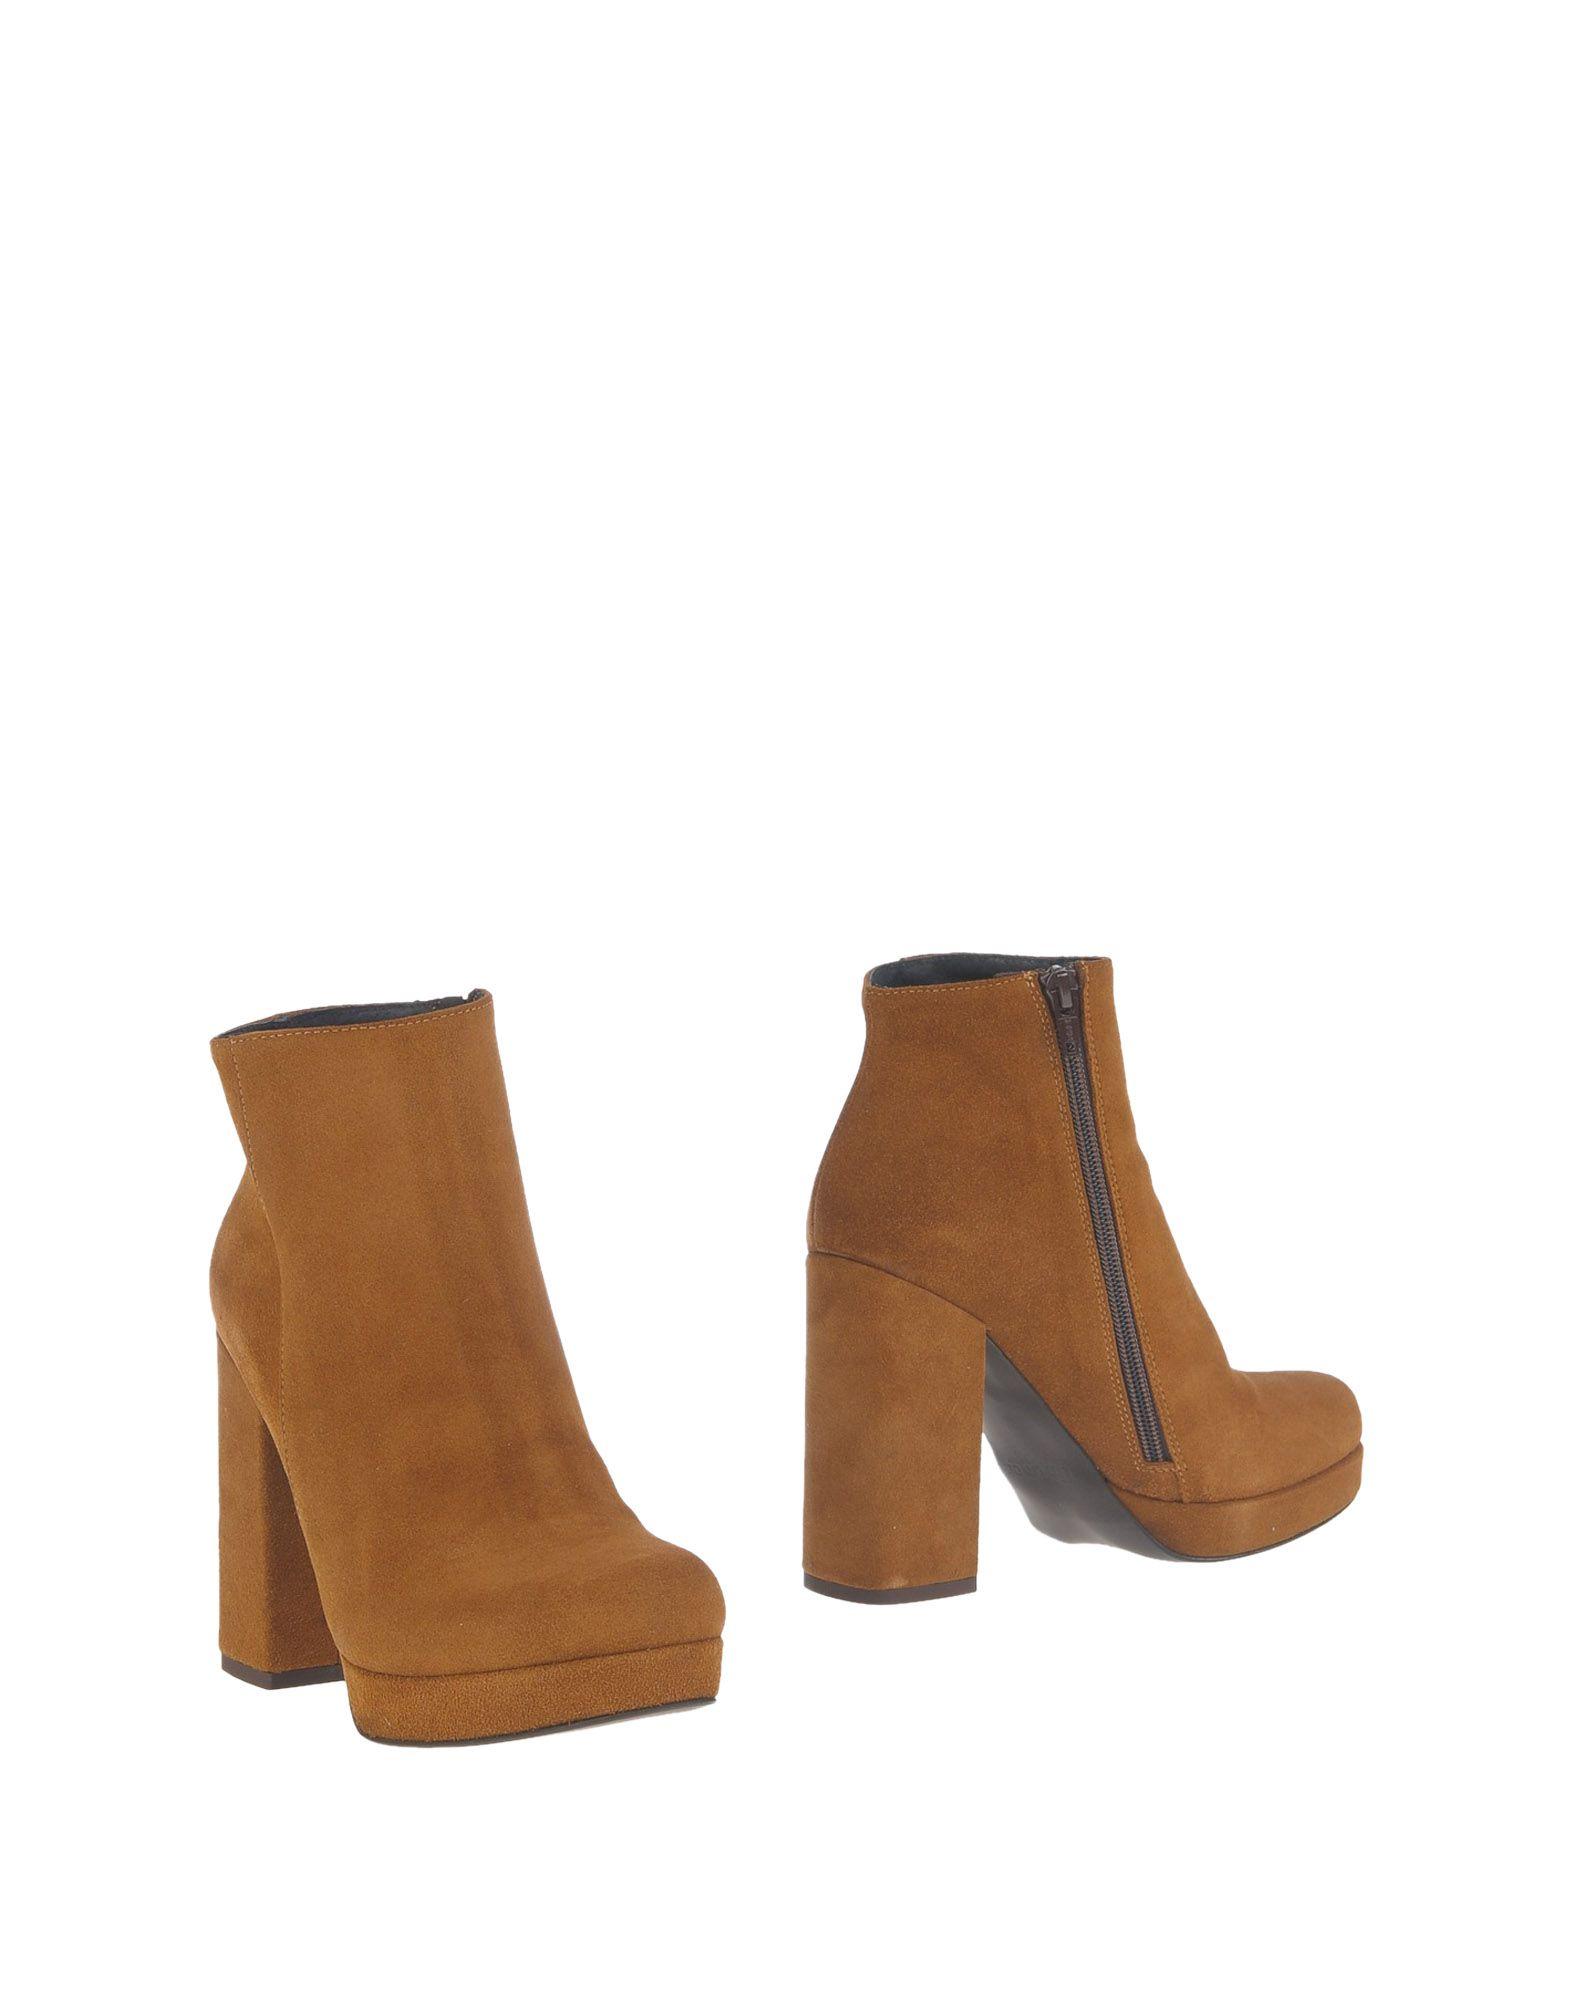 Unlace Stiefelette Damen  11274650BR Gute Qualität beliebte Schuhe